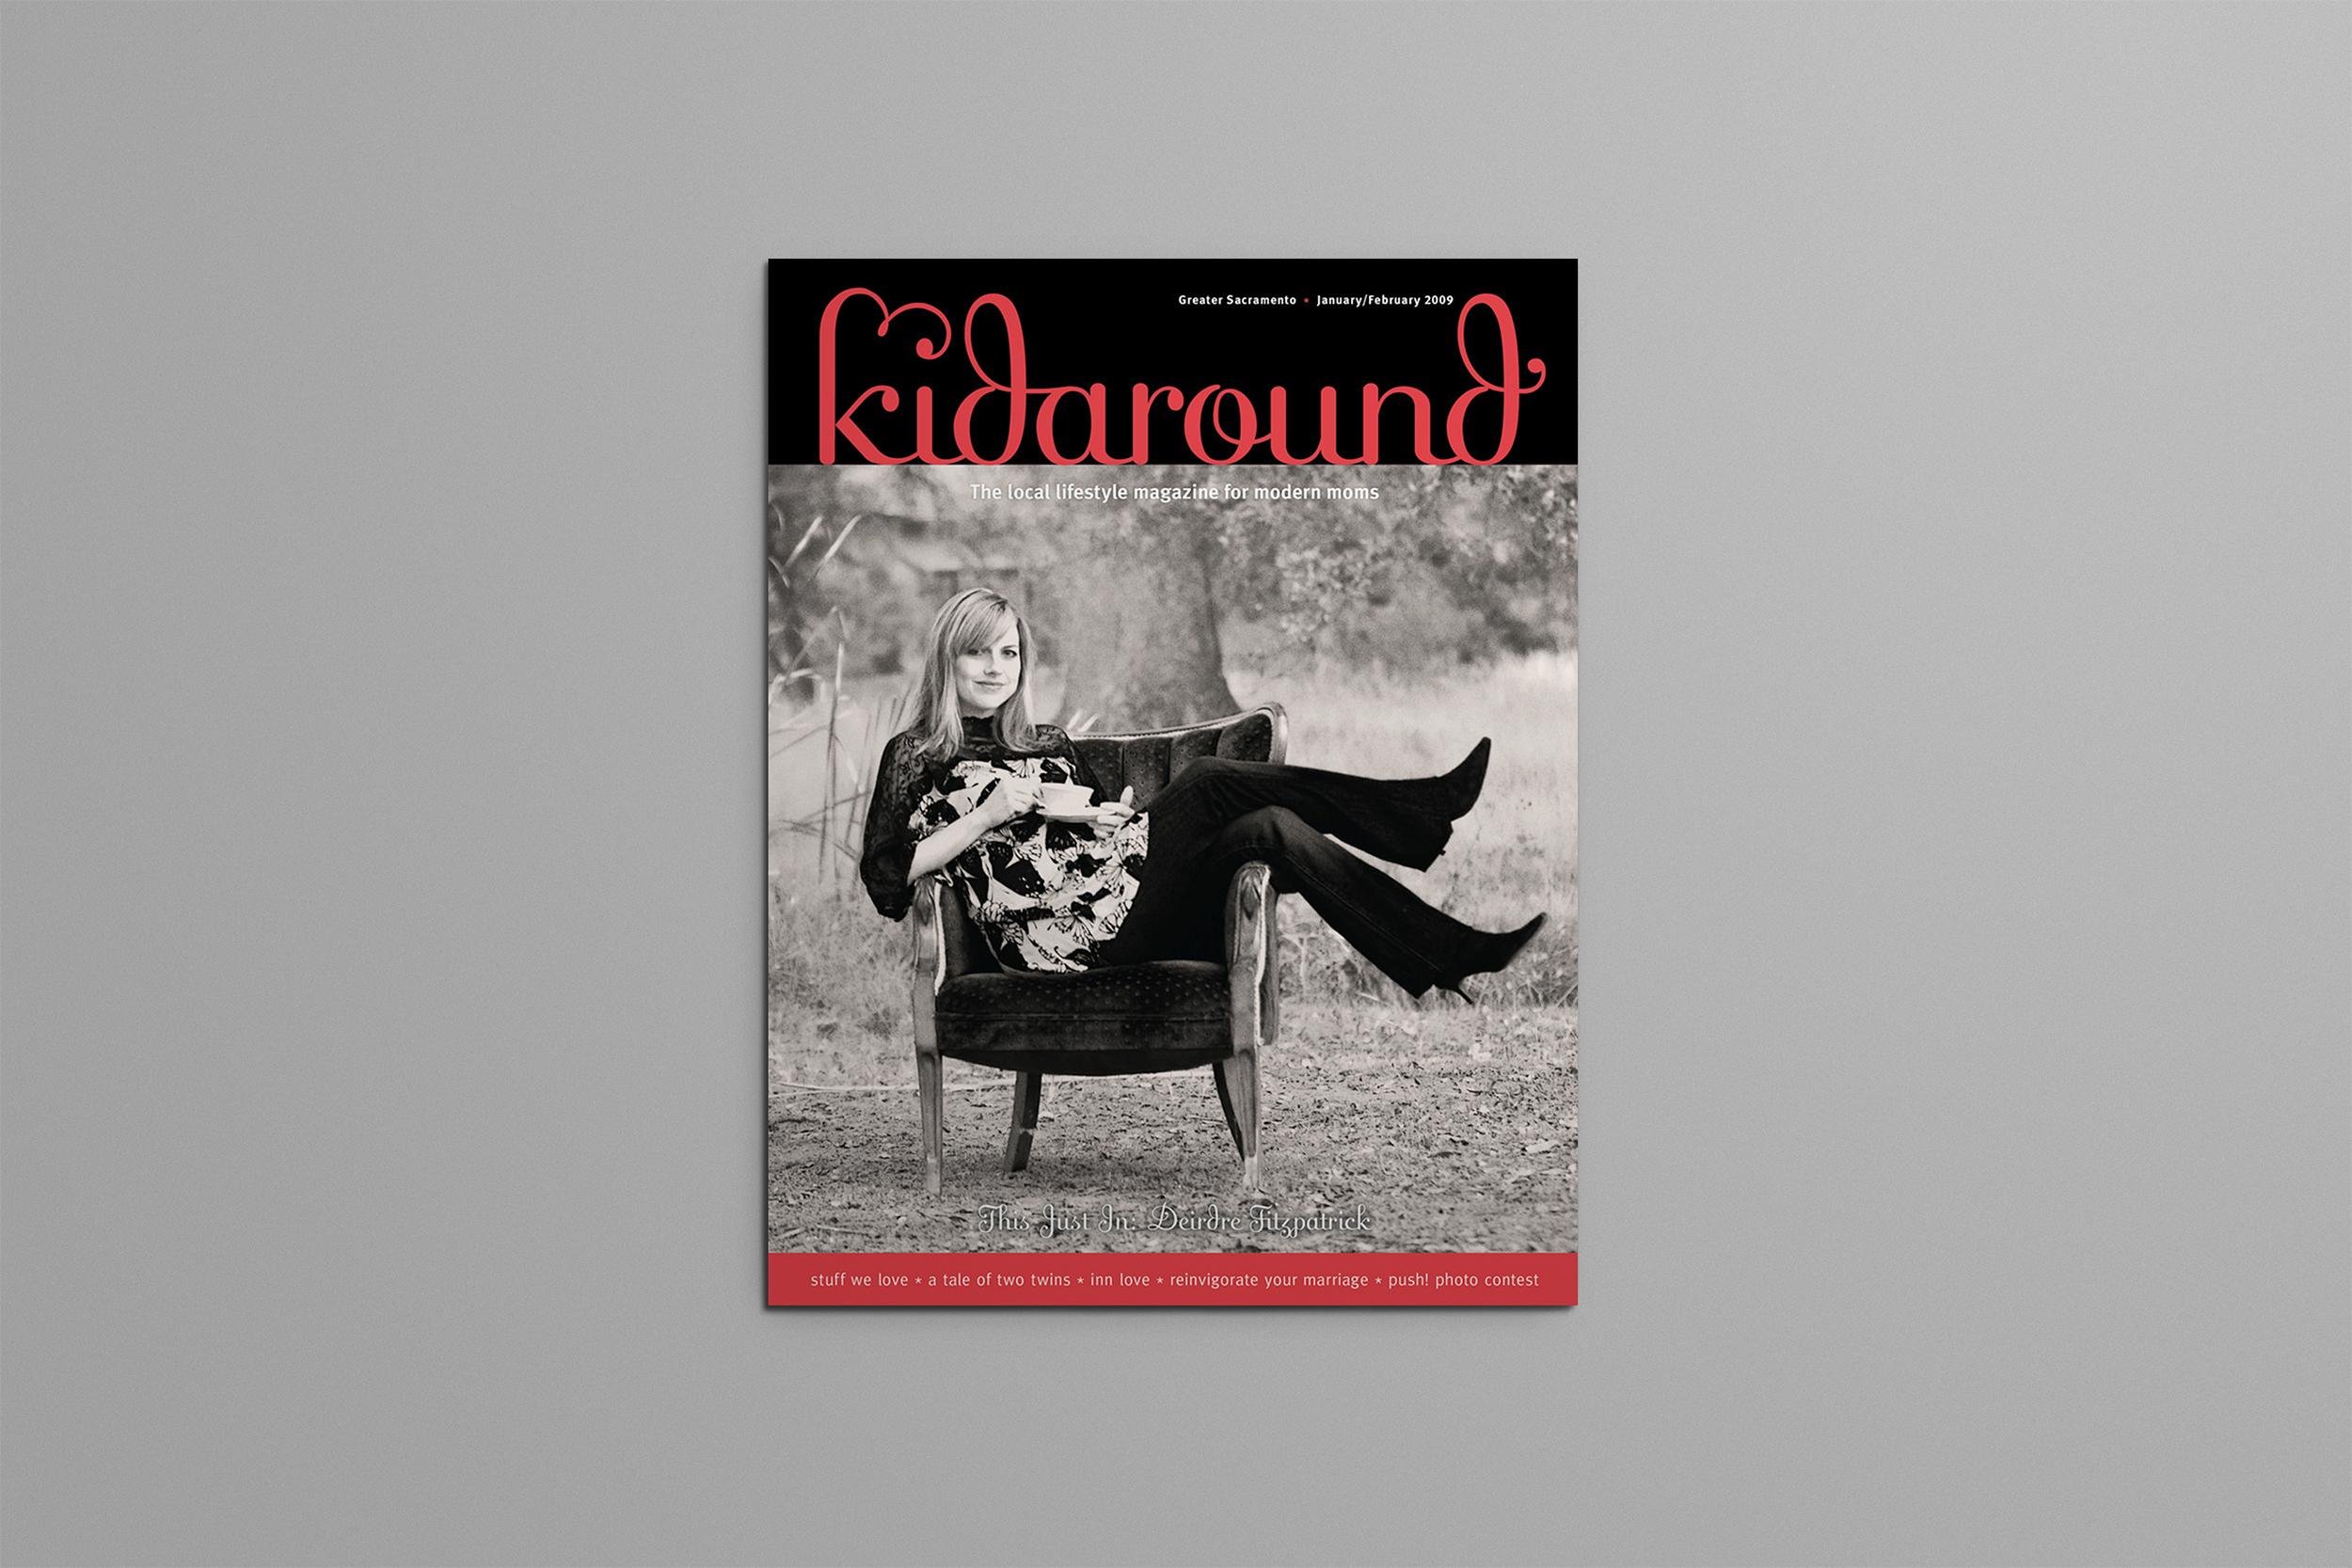 kidaroundcover.jpg